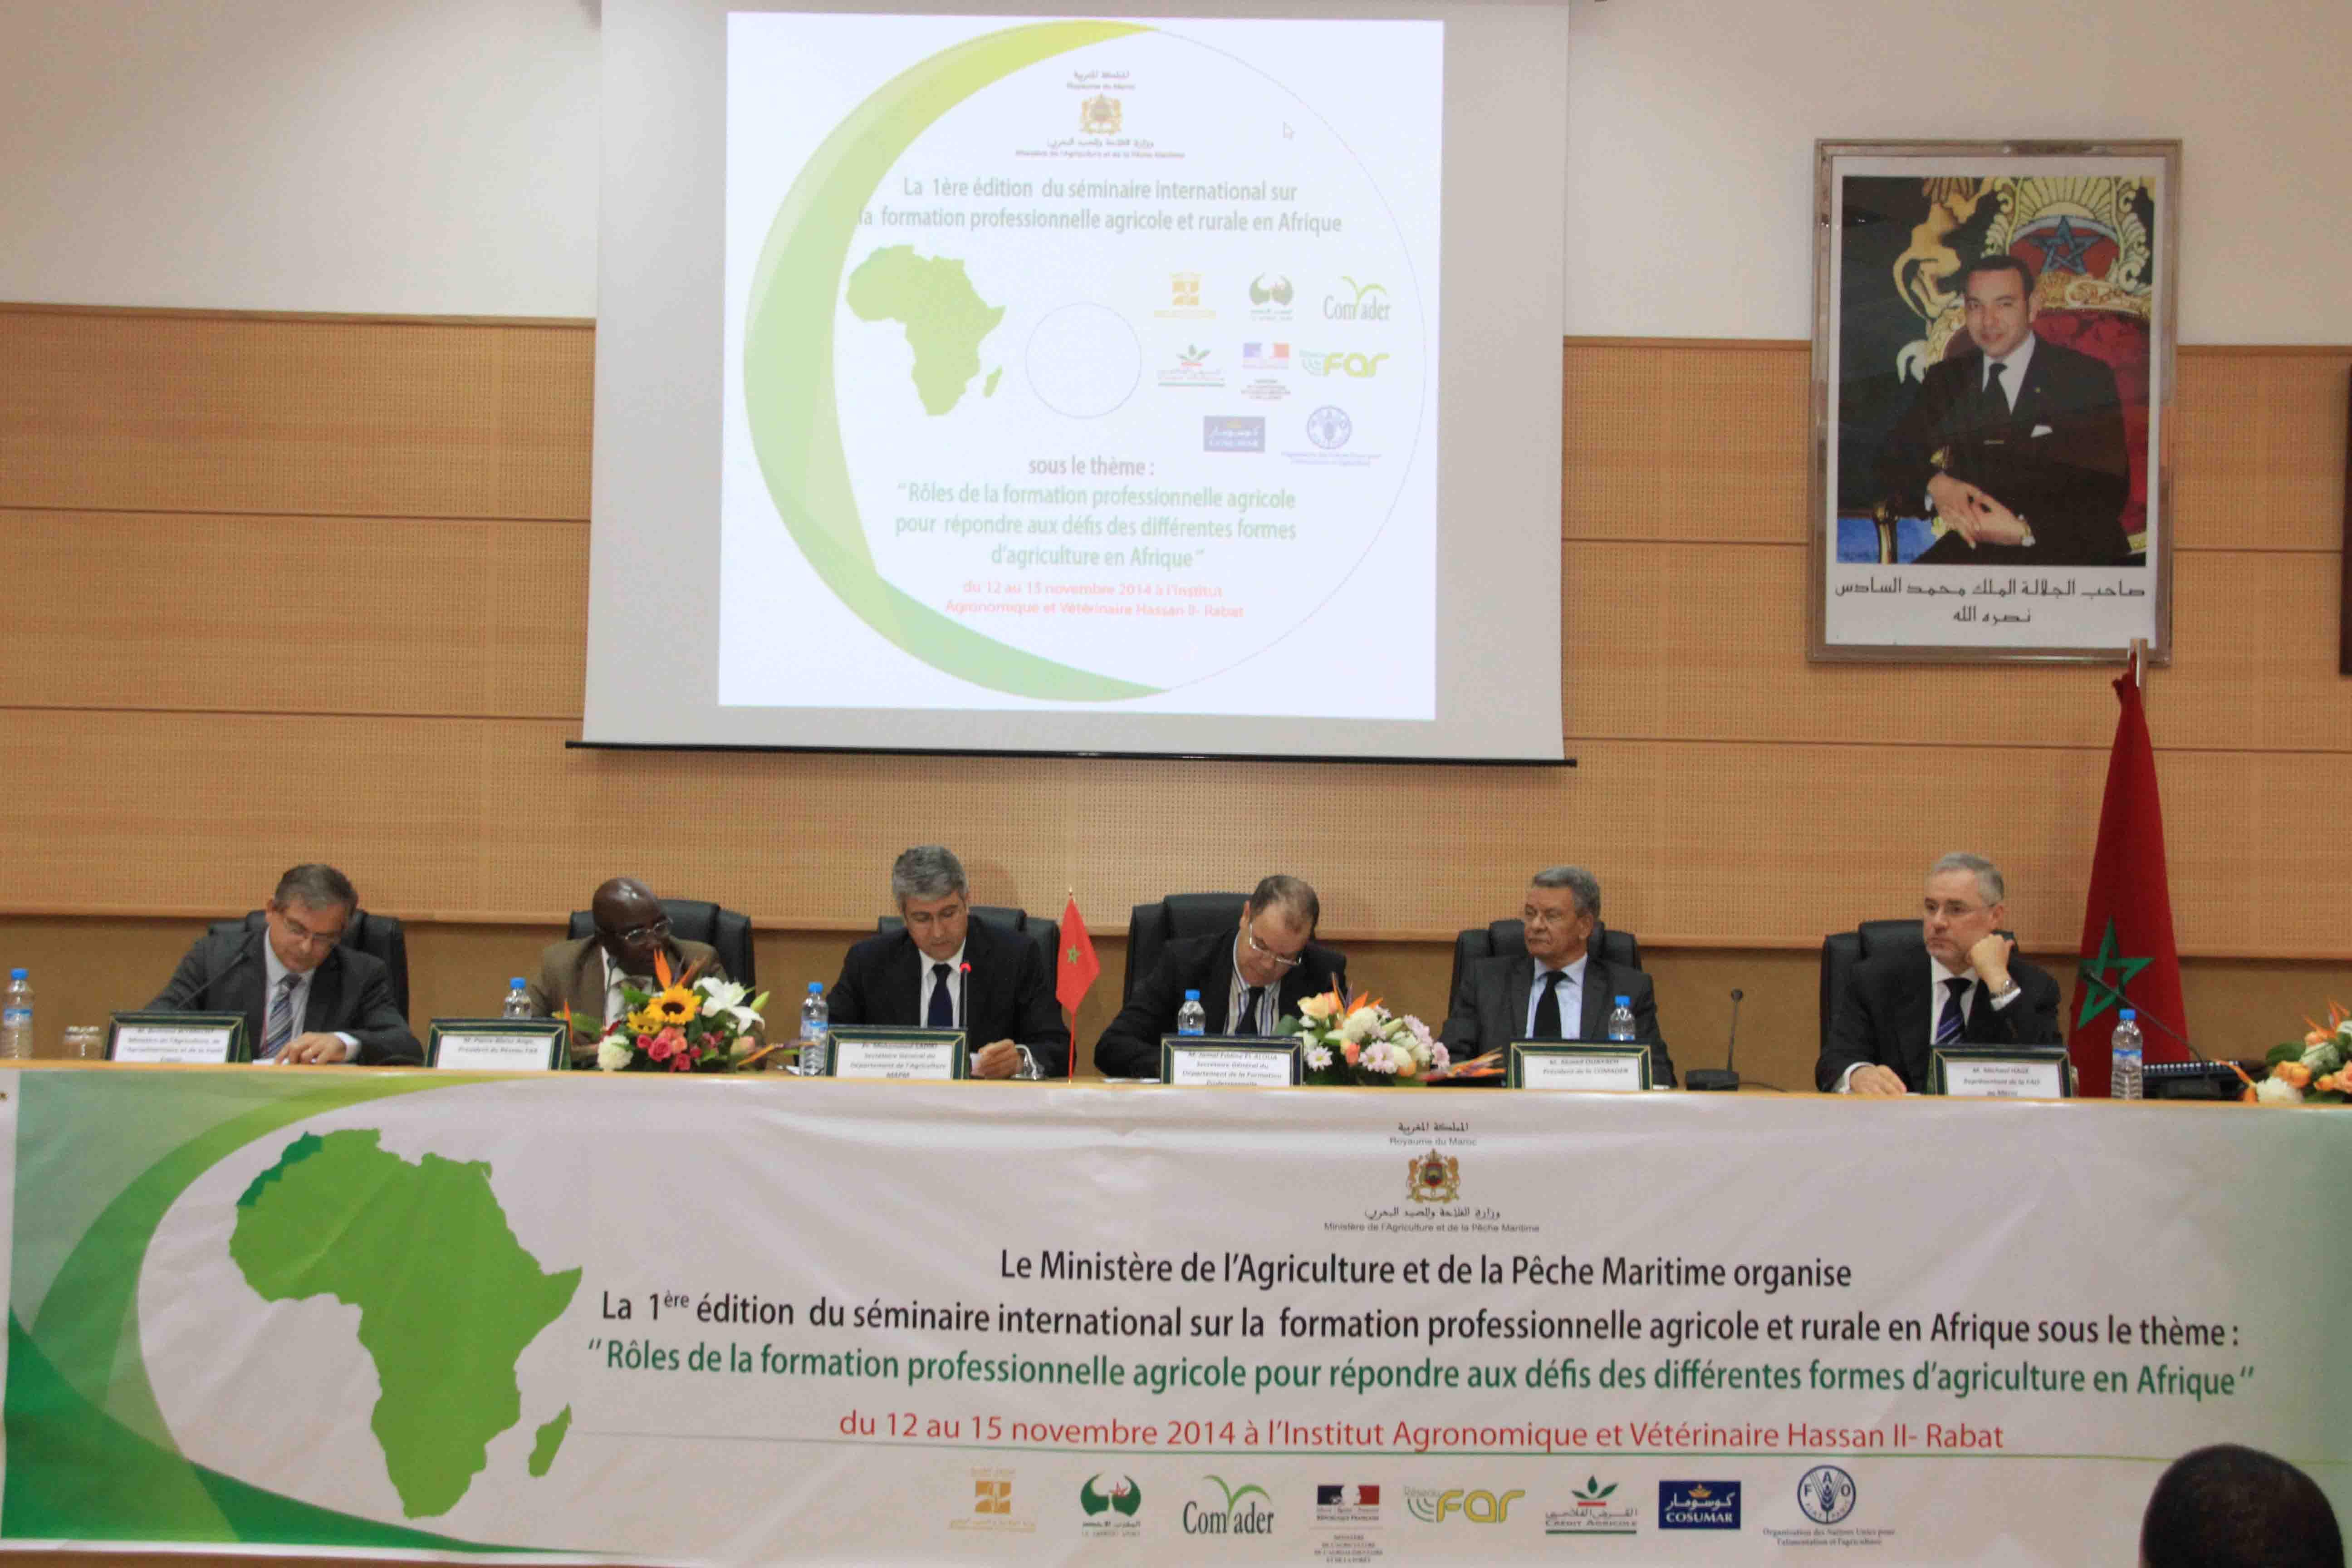 صور من افتتاح الدورة الأولى للندوة الدولية حول التكوين المهني الفلاحي و القروي في إفريقيا